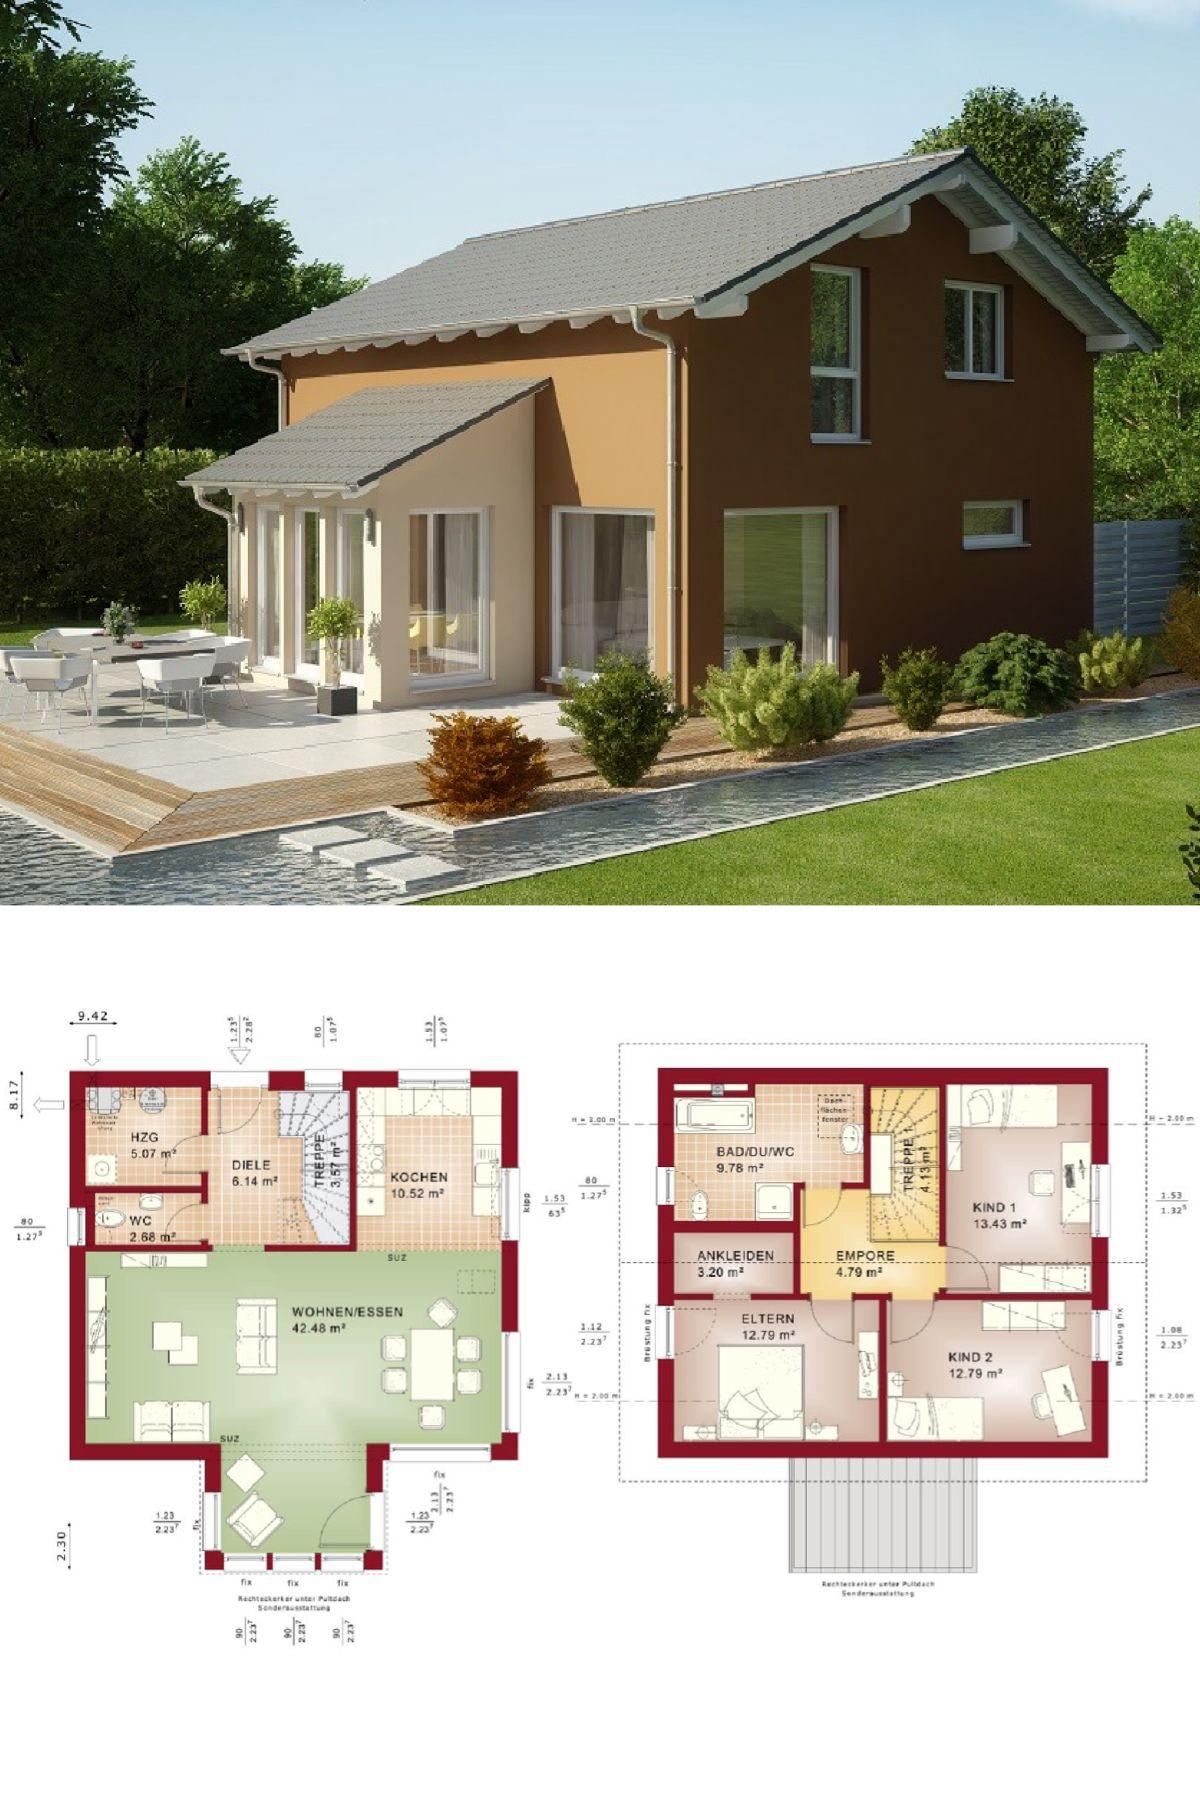 Anbau Erker einfamilienhaus satteldach modern mit erker anbau grundriss haus